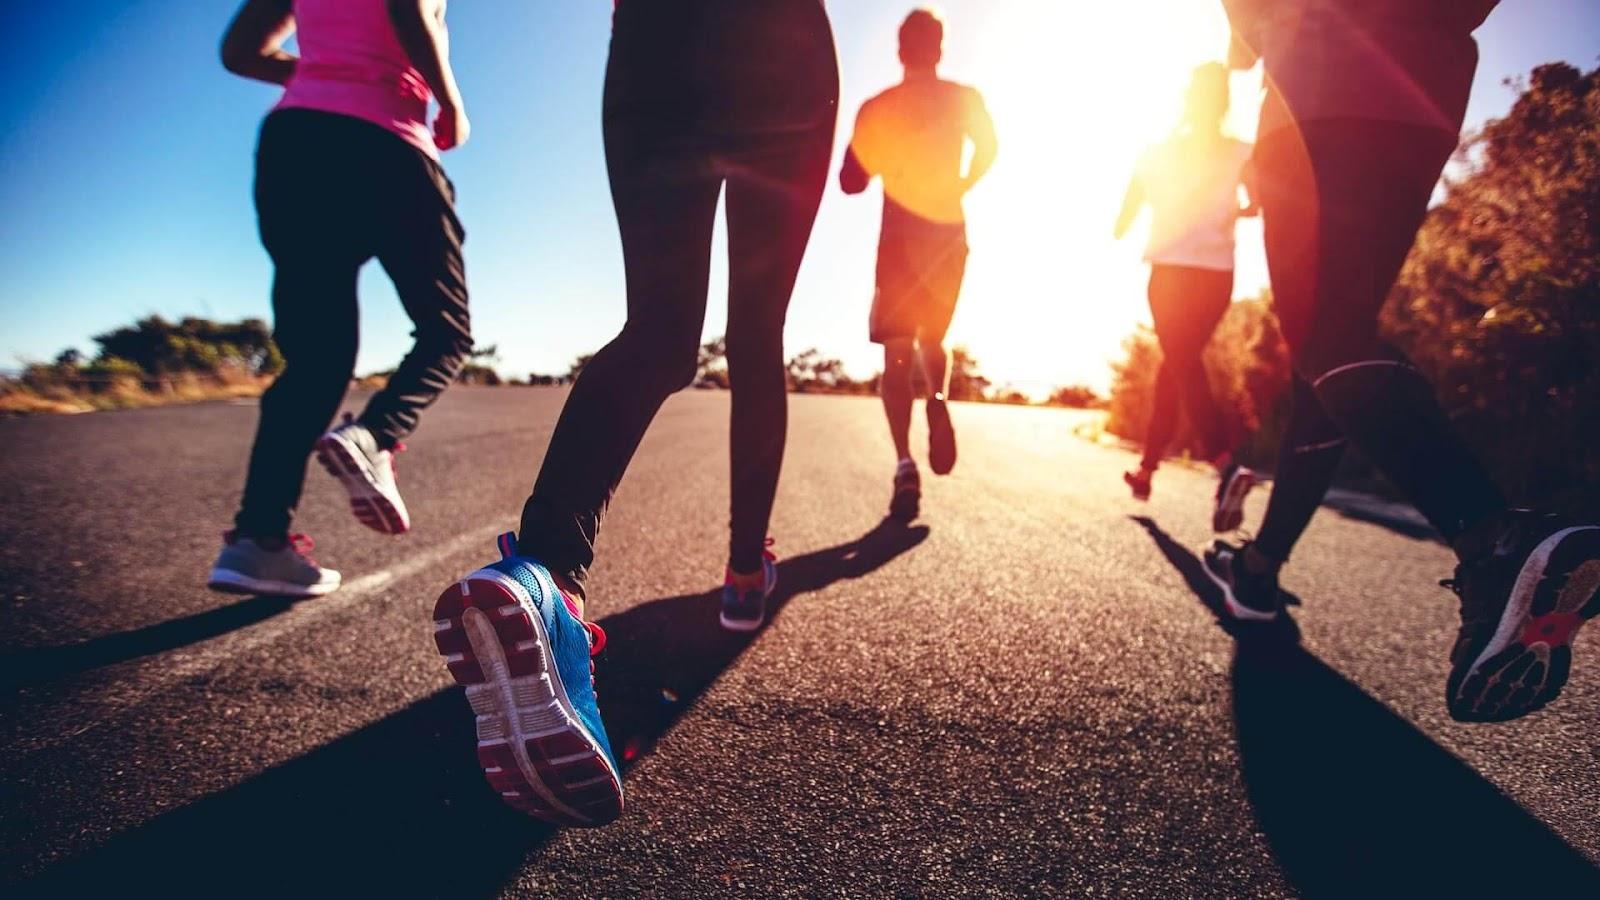 Resultado de imagen para runners